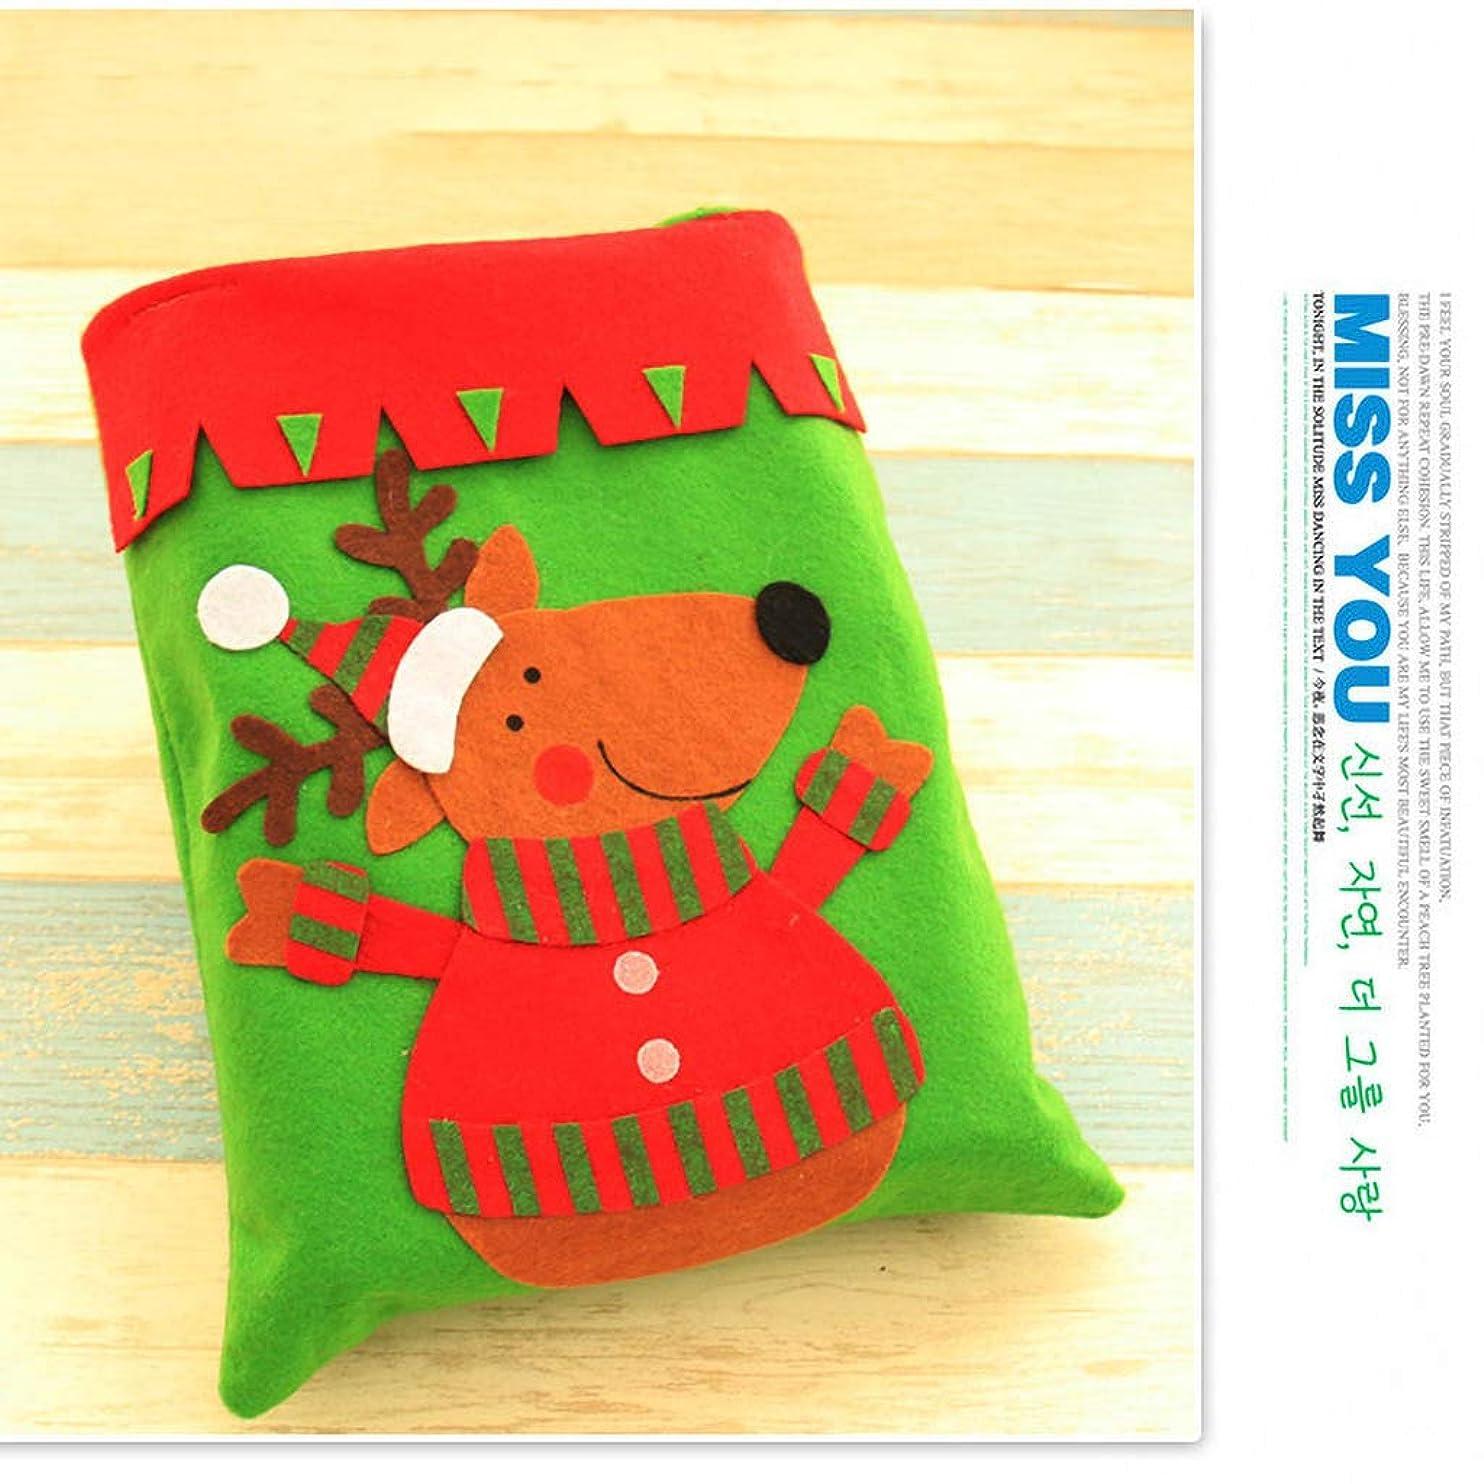 電化する何もない批判するA69Qクリスマス キャンディバッグ ギフトバッグ メリークリスマス クリスマスデコレーション 飾り 装飾小道具 クリエイティブ 可愛い キャンディー収納 クリスマスギフト プレゼント お菓子入れ